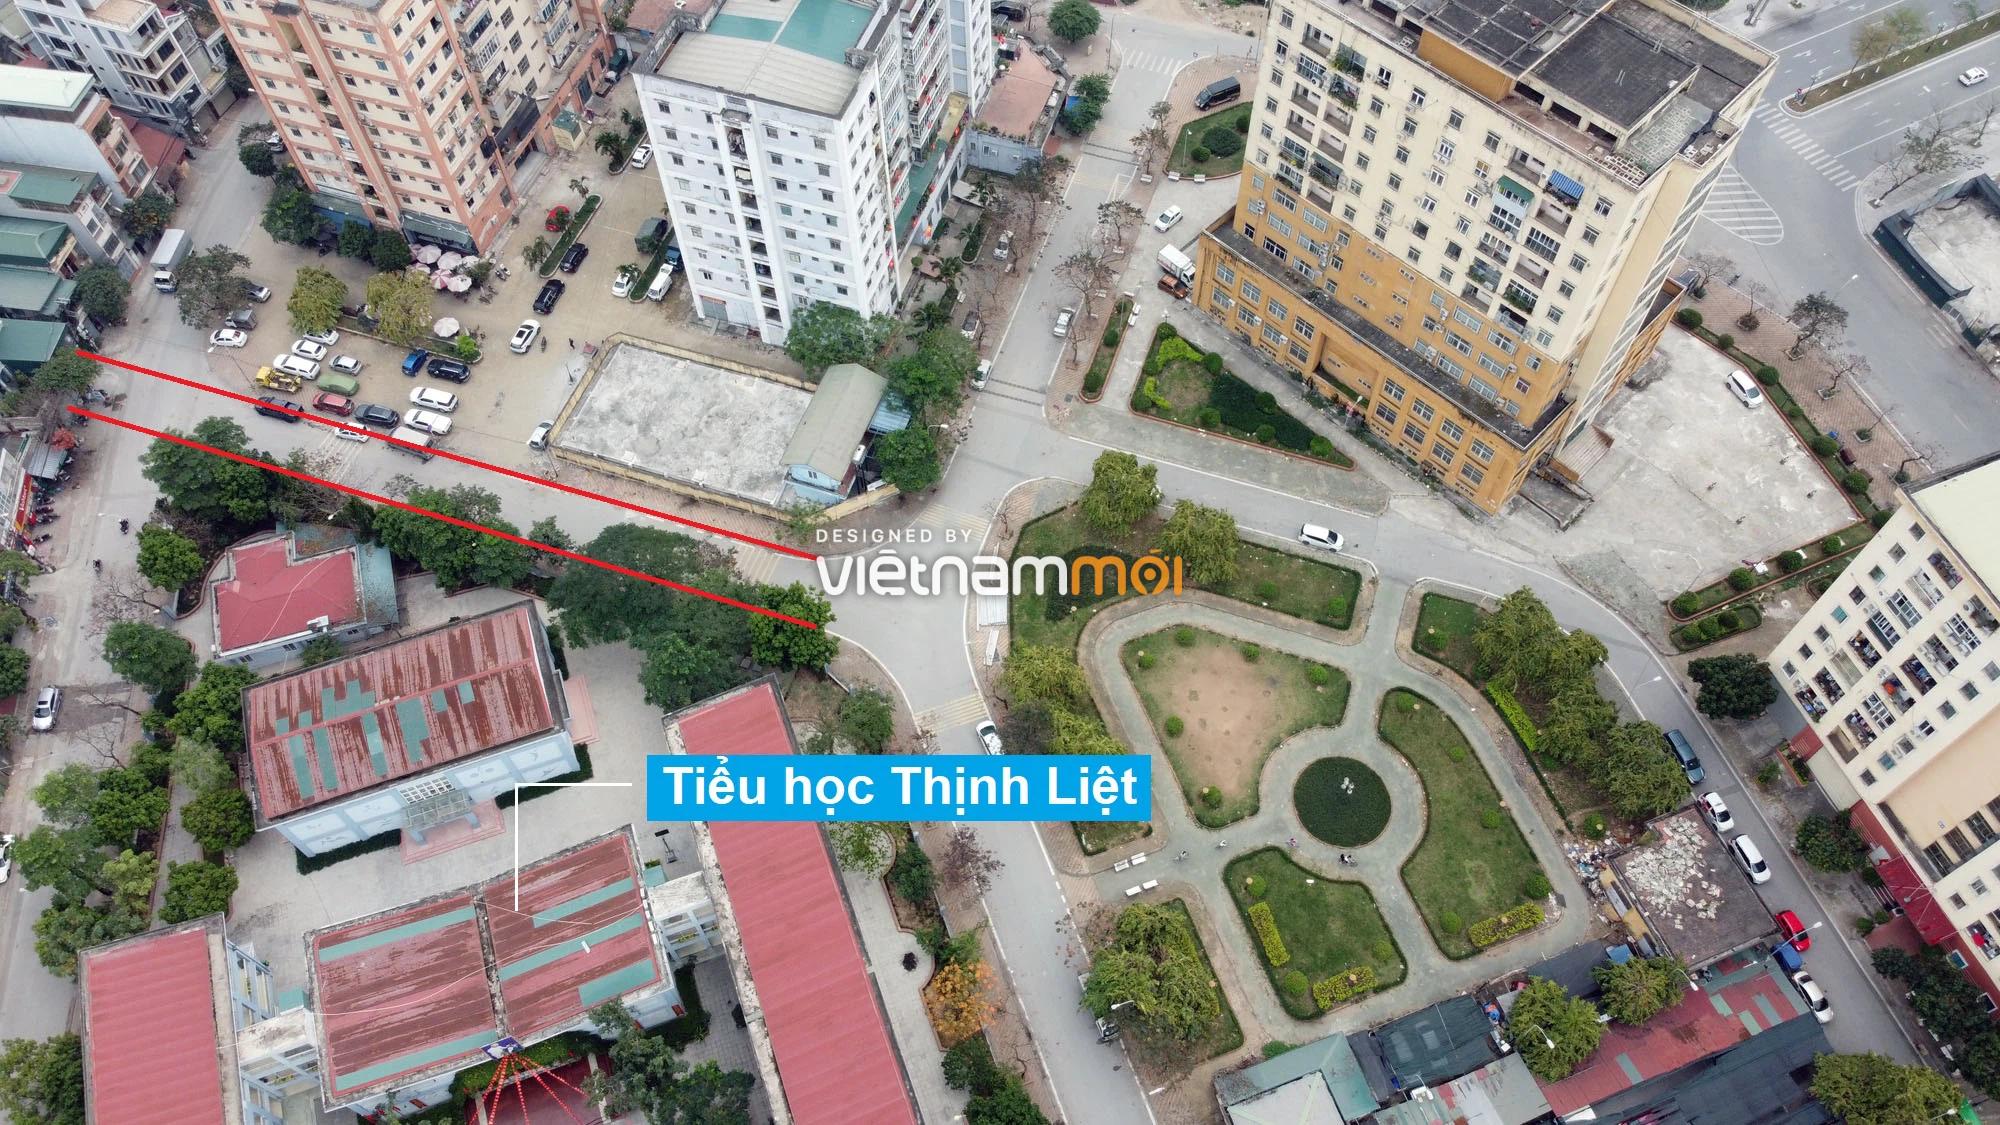 Đường sẽ mở theo quy hoạch ở phường Thịnh Liệt, Hoàng Mai, Hà Nội (phần 4) - Ảnh 11.